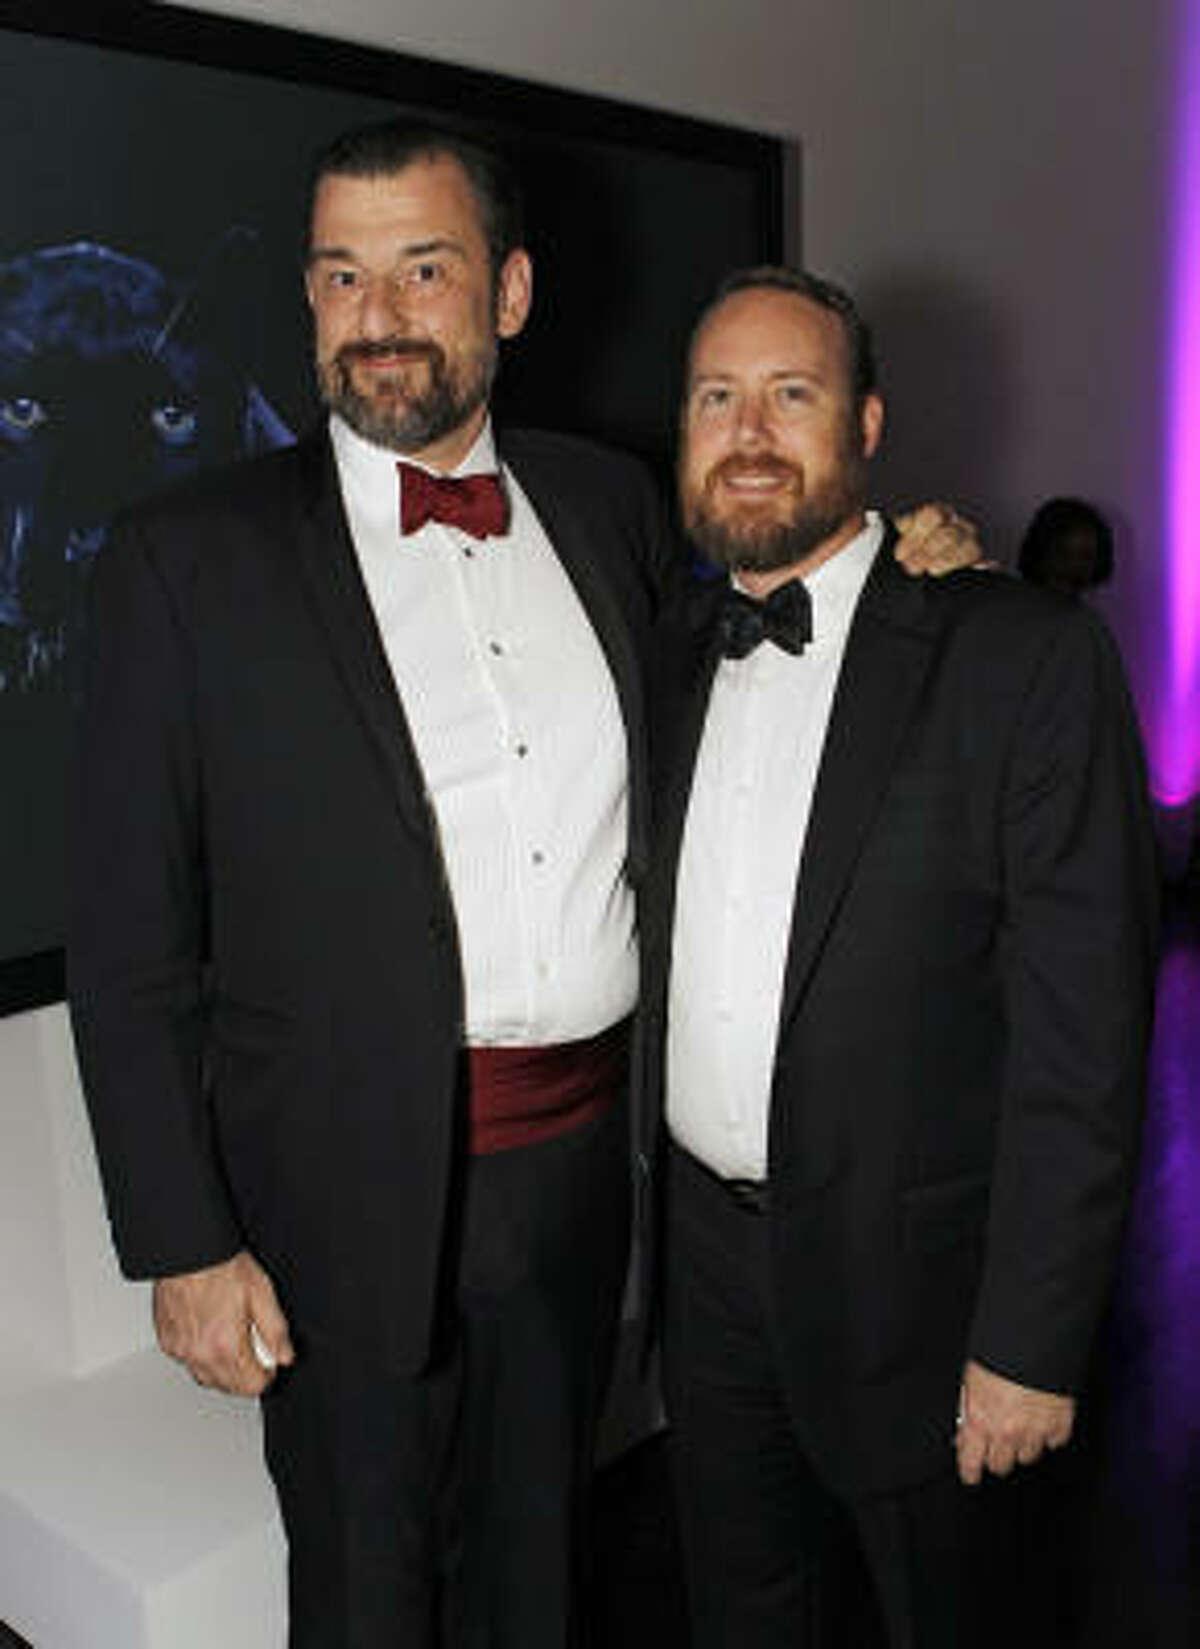 Bill Arning and Mark McCray